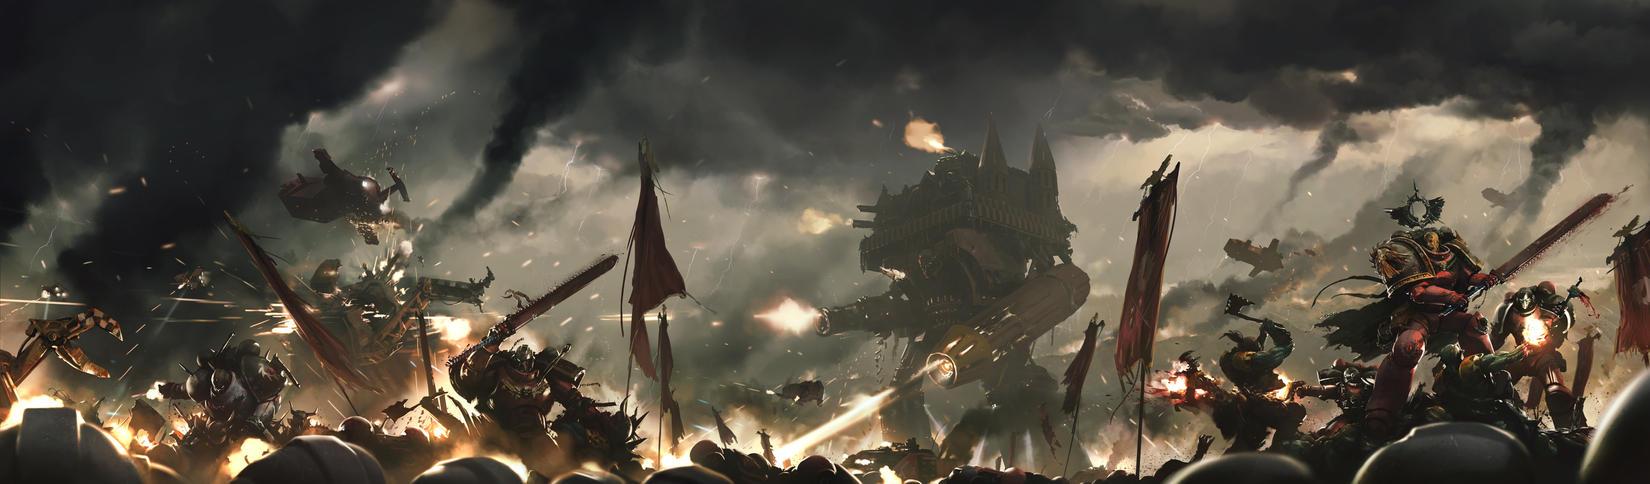 Black Library: Blood in the Machine by ukitakumuki